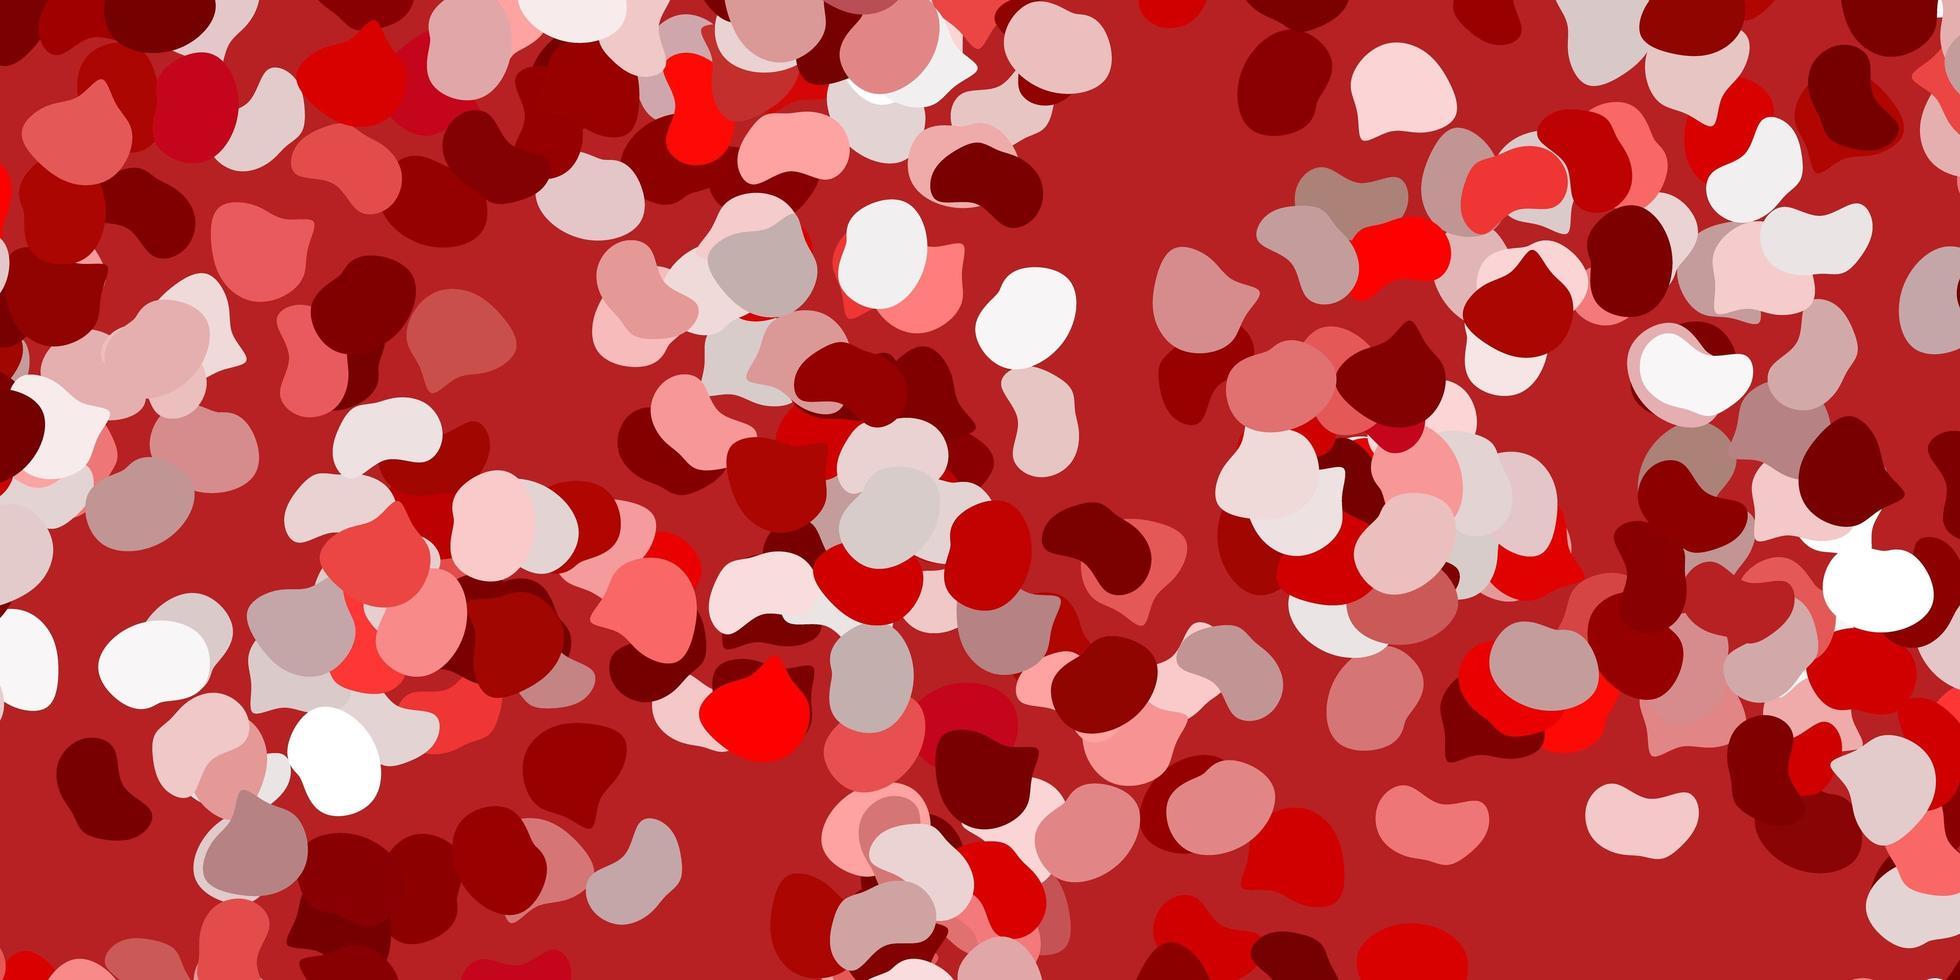 plantilla roja con formas abstractas. vector